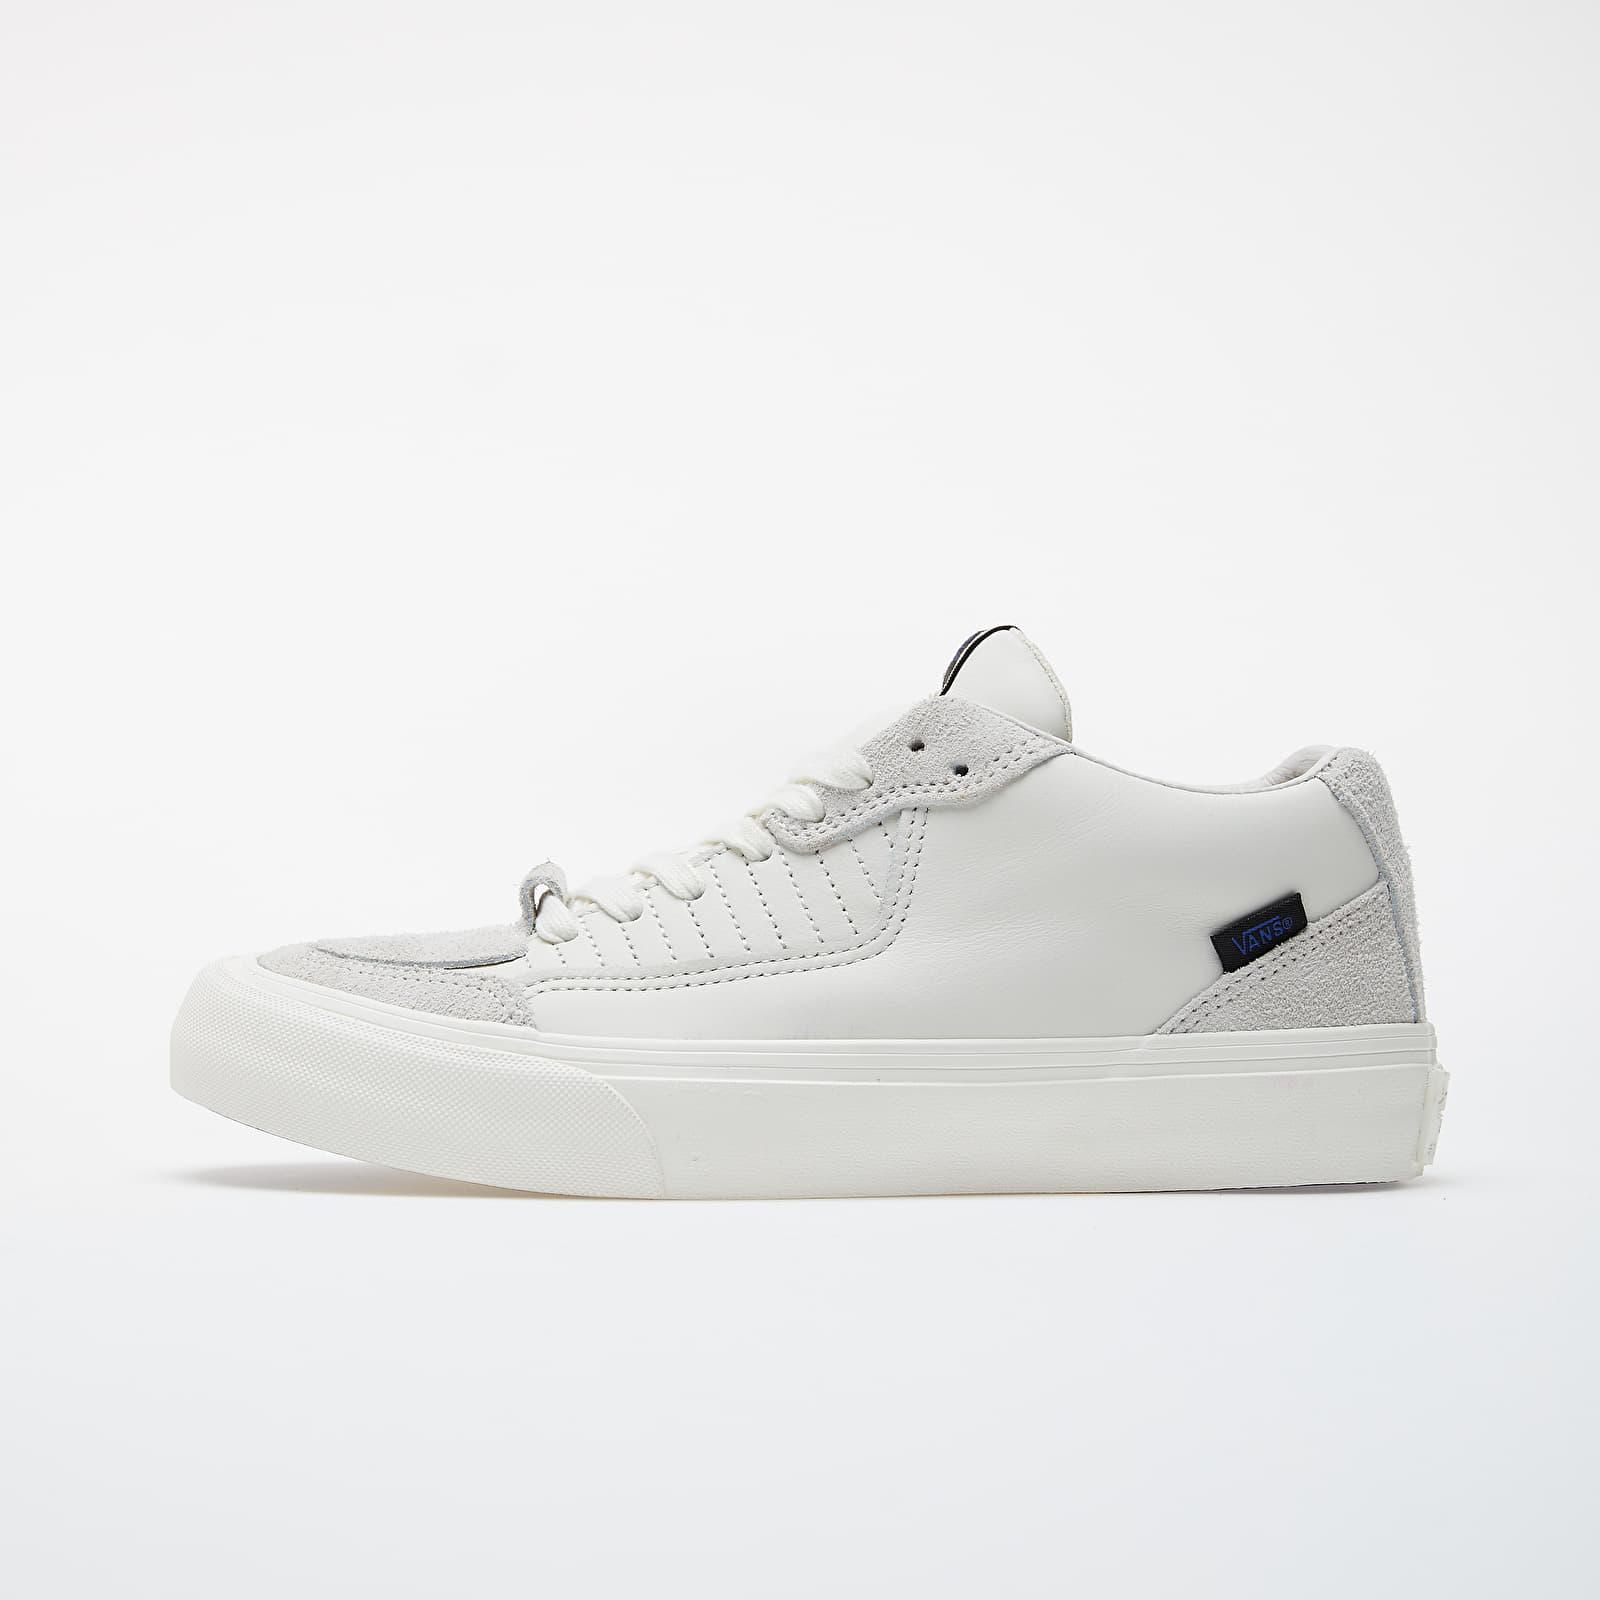 Pánské tenisky a boty Vans x Taka Hayashi Style 98 LX (Leather/ Hairy Suede) Marshmallow